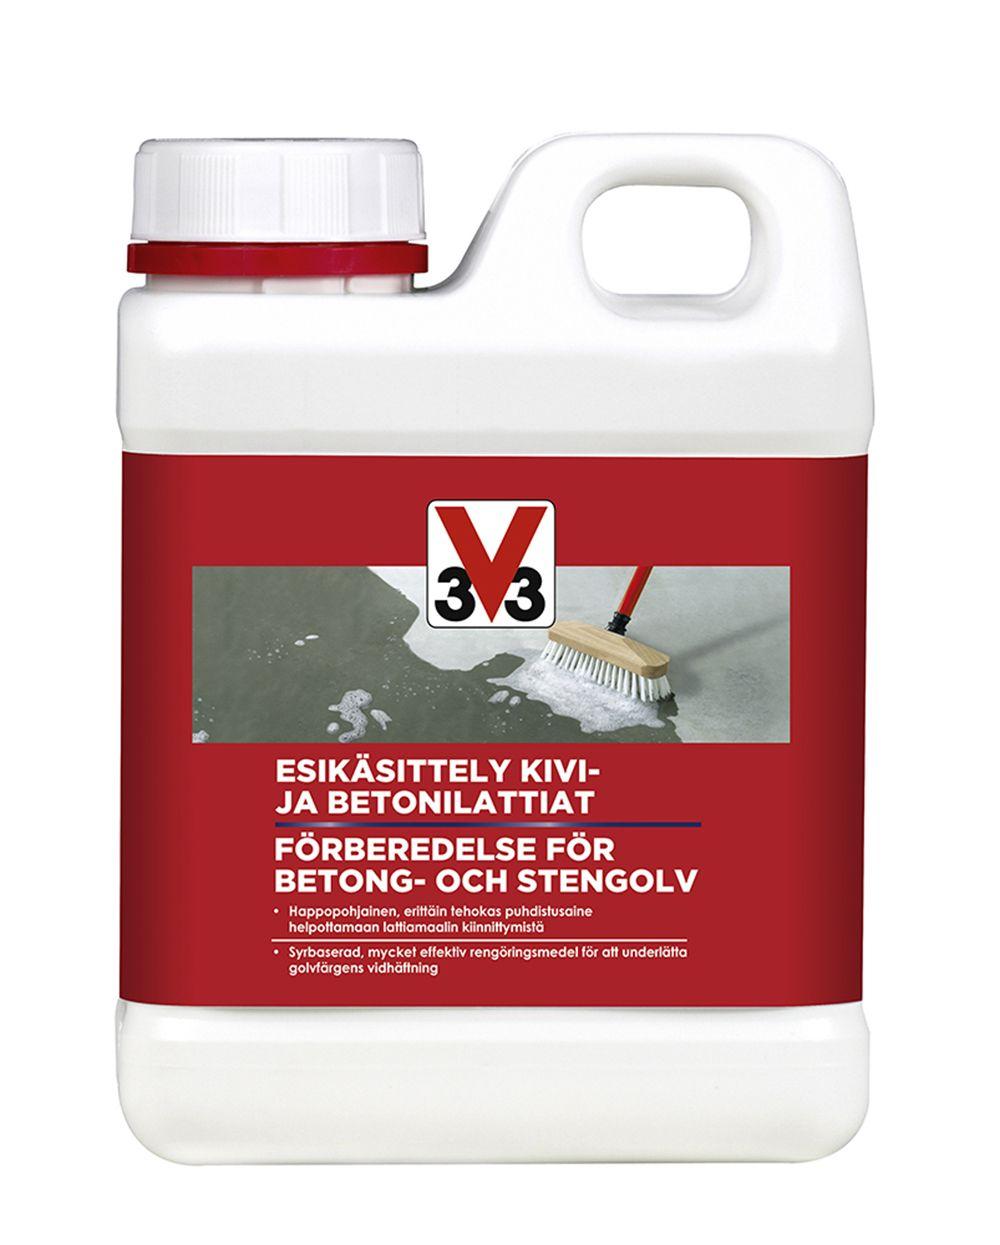 V33 Esikäsittely Kivi- ja betonilattiat